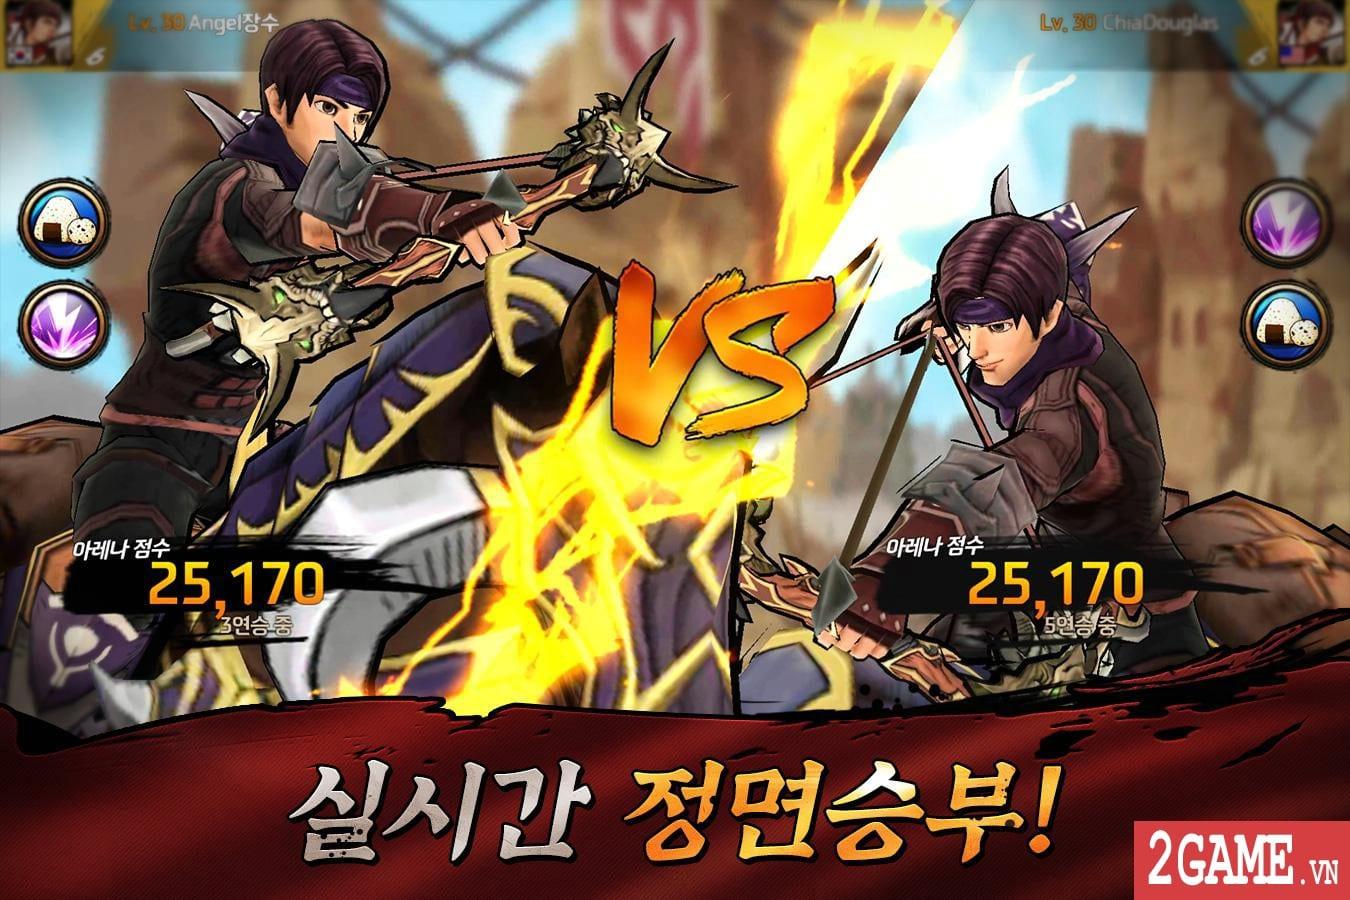 Battle of Arrow - Game đọ tài thiện xạ cực chất của người Hàn Quốc 1